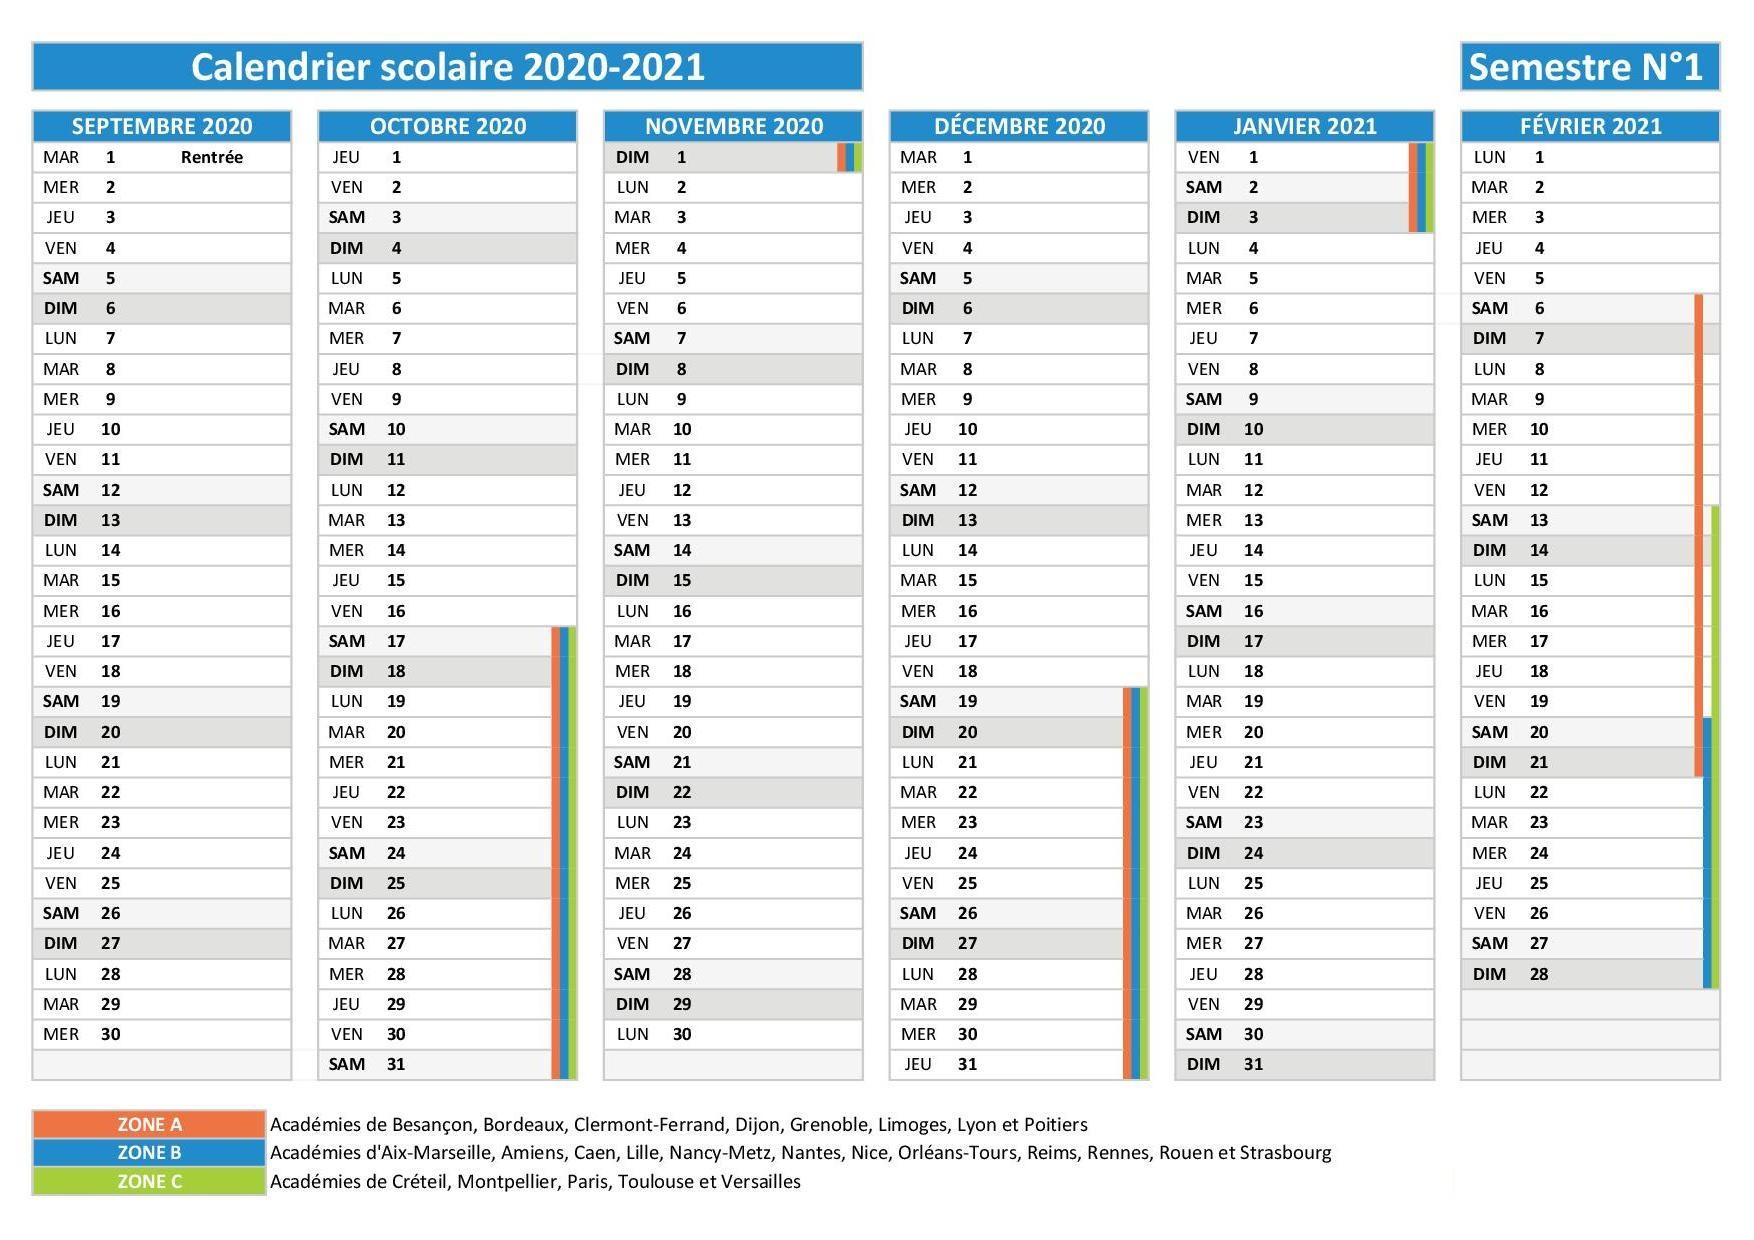 Calendrier Scolaire 2021 en Besancon